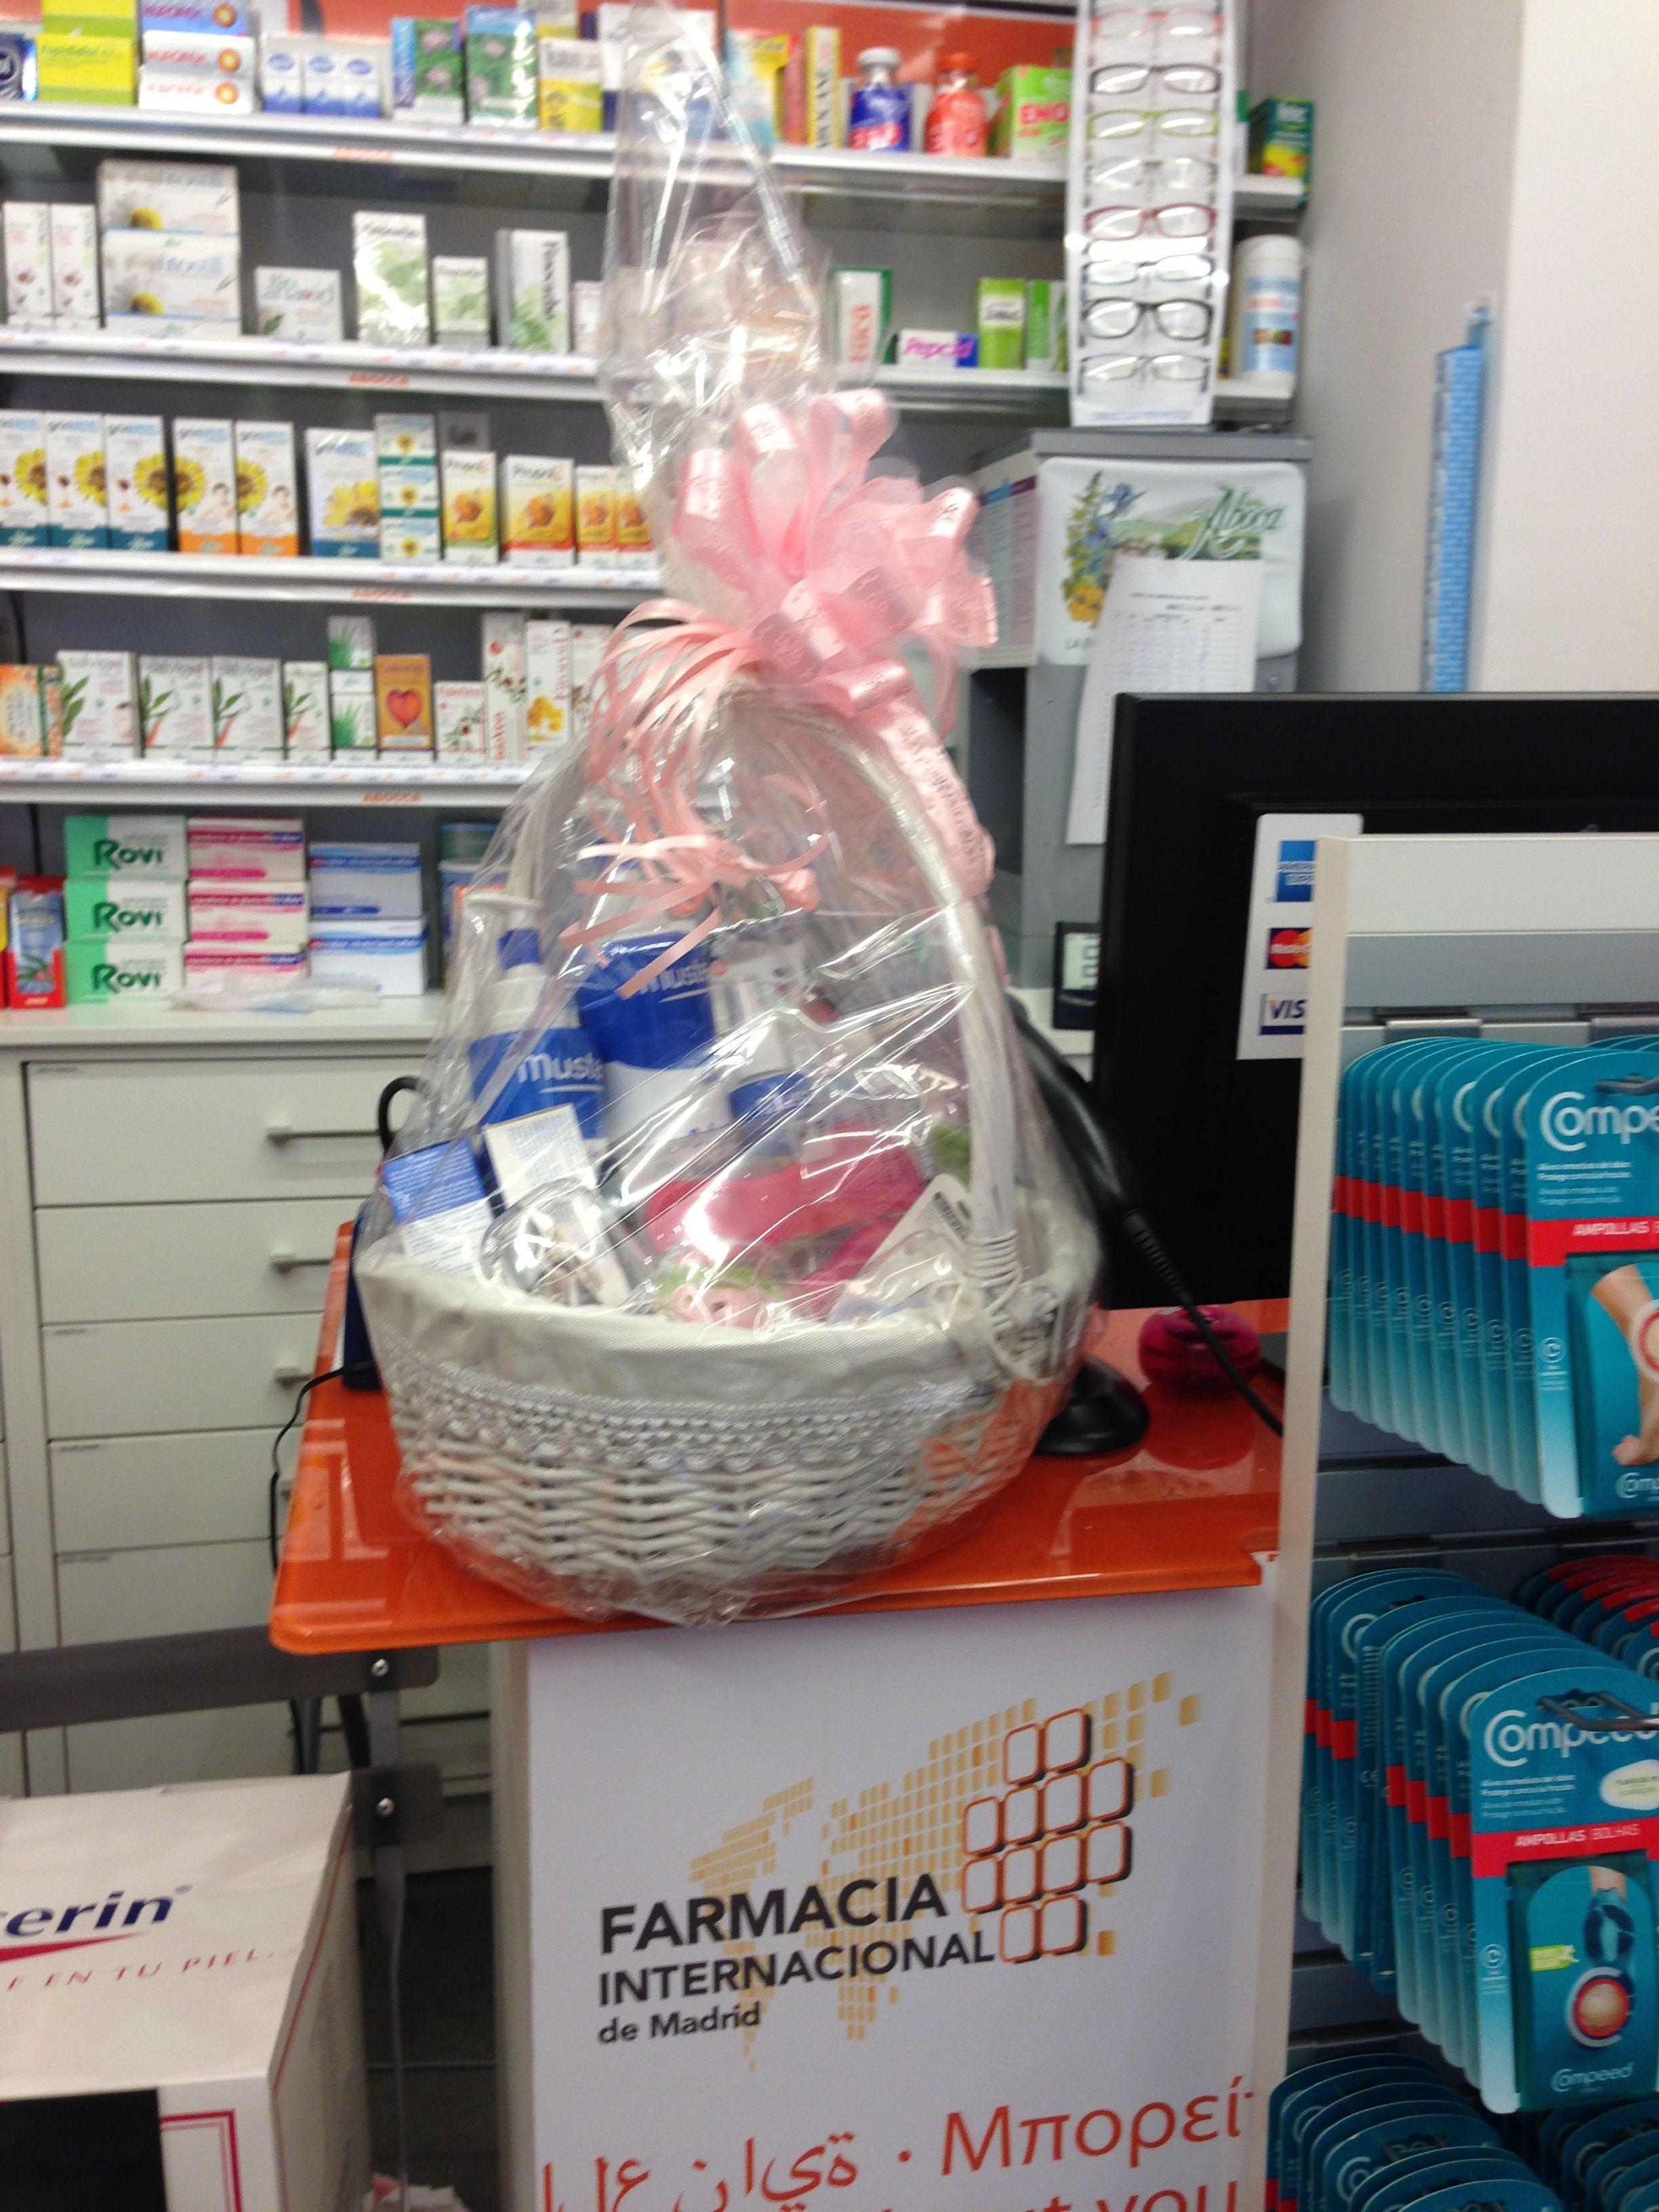 Cesta para regalo de bebés en Farmacia Internacional de Madrid